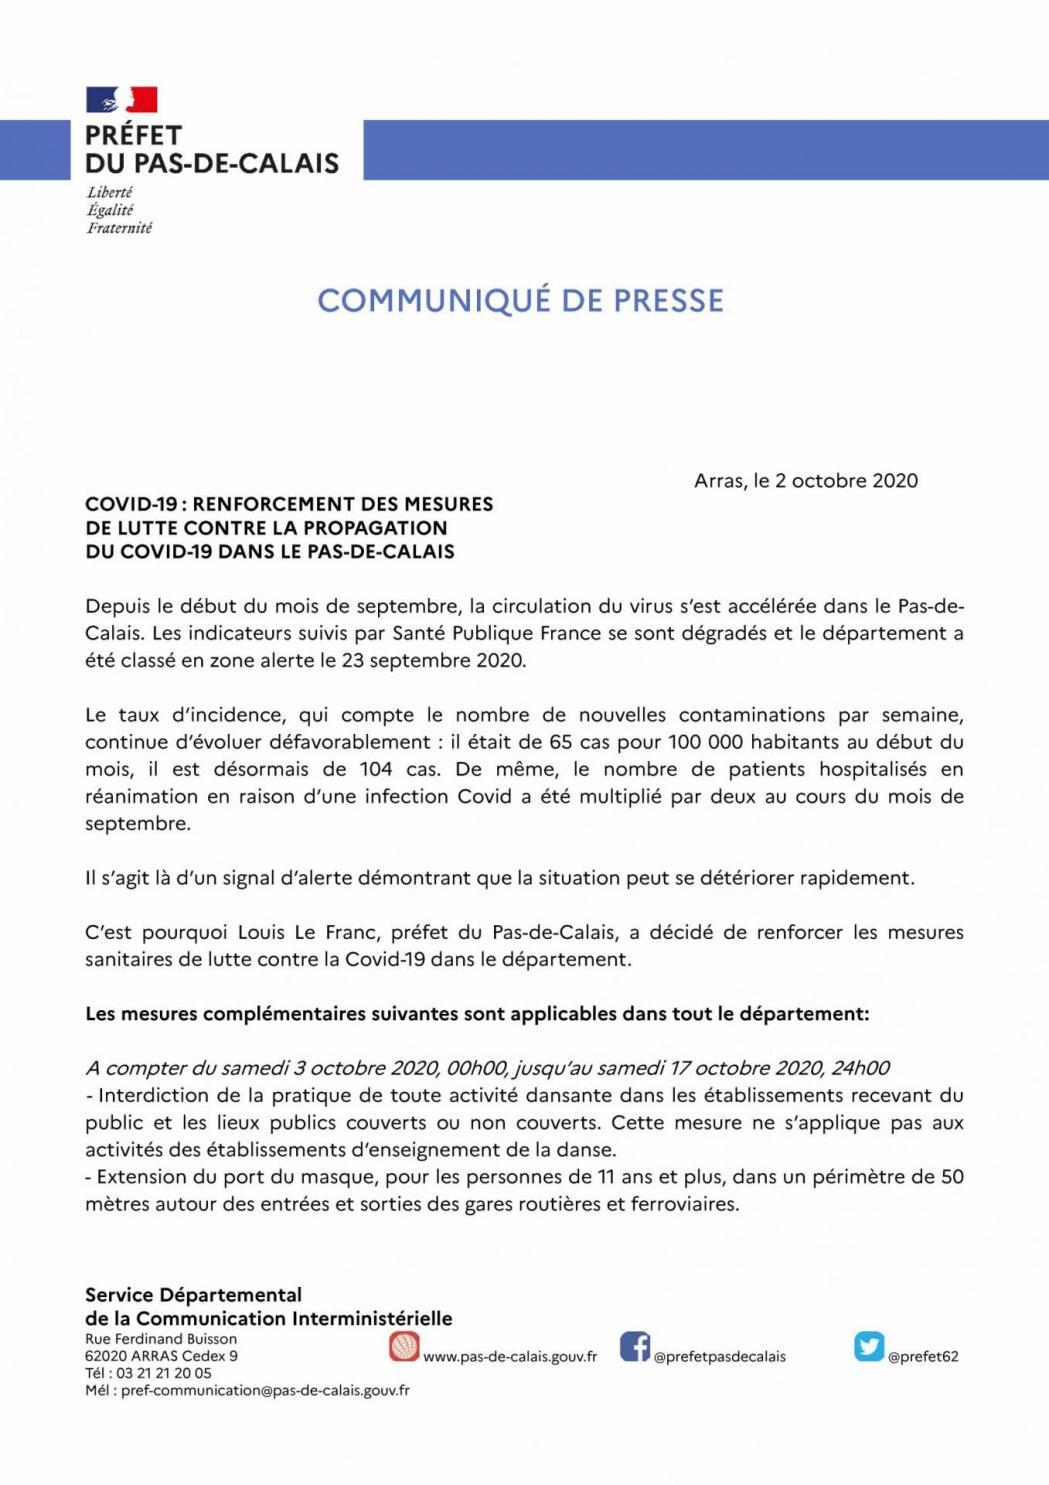 Communique de presse du 2 octobre 2020 renforcement des mesures sanitaires 1